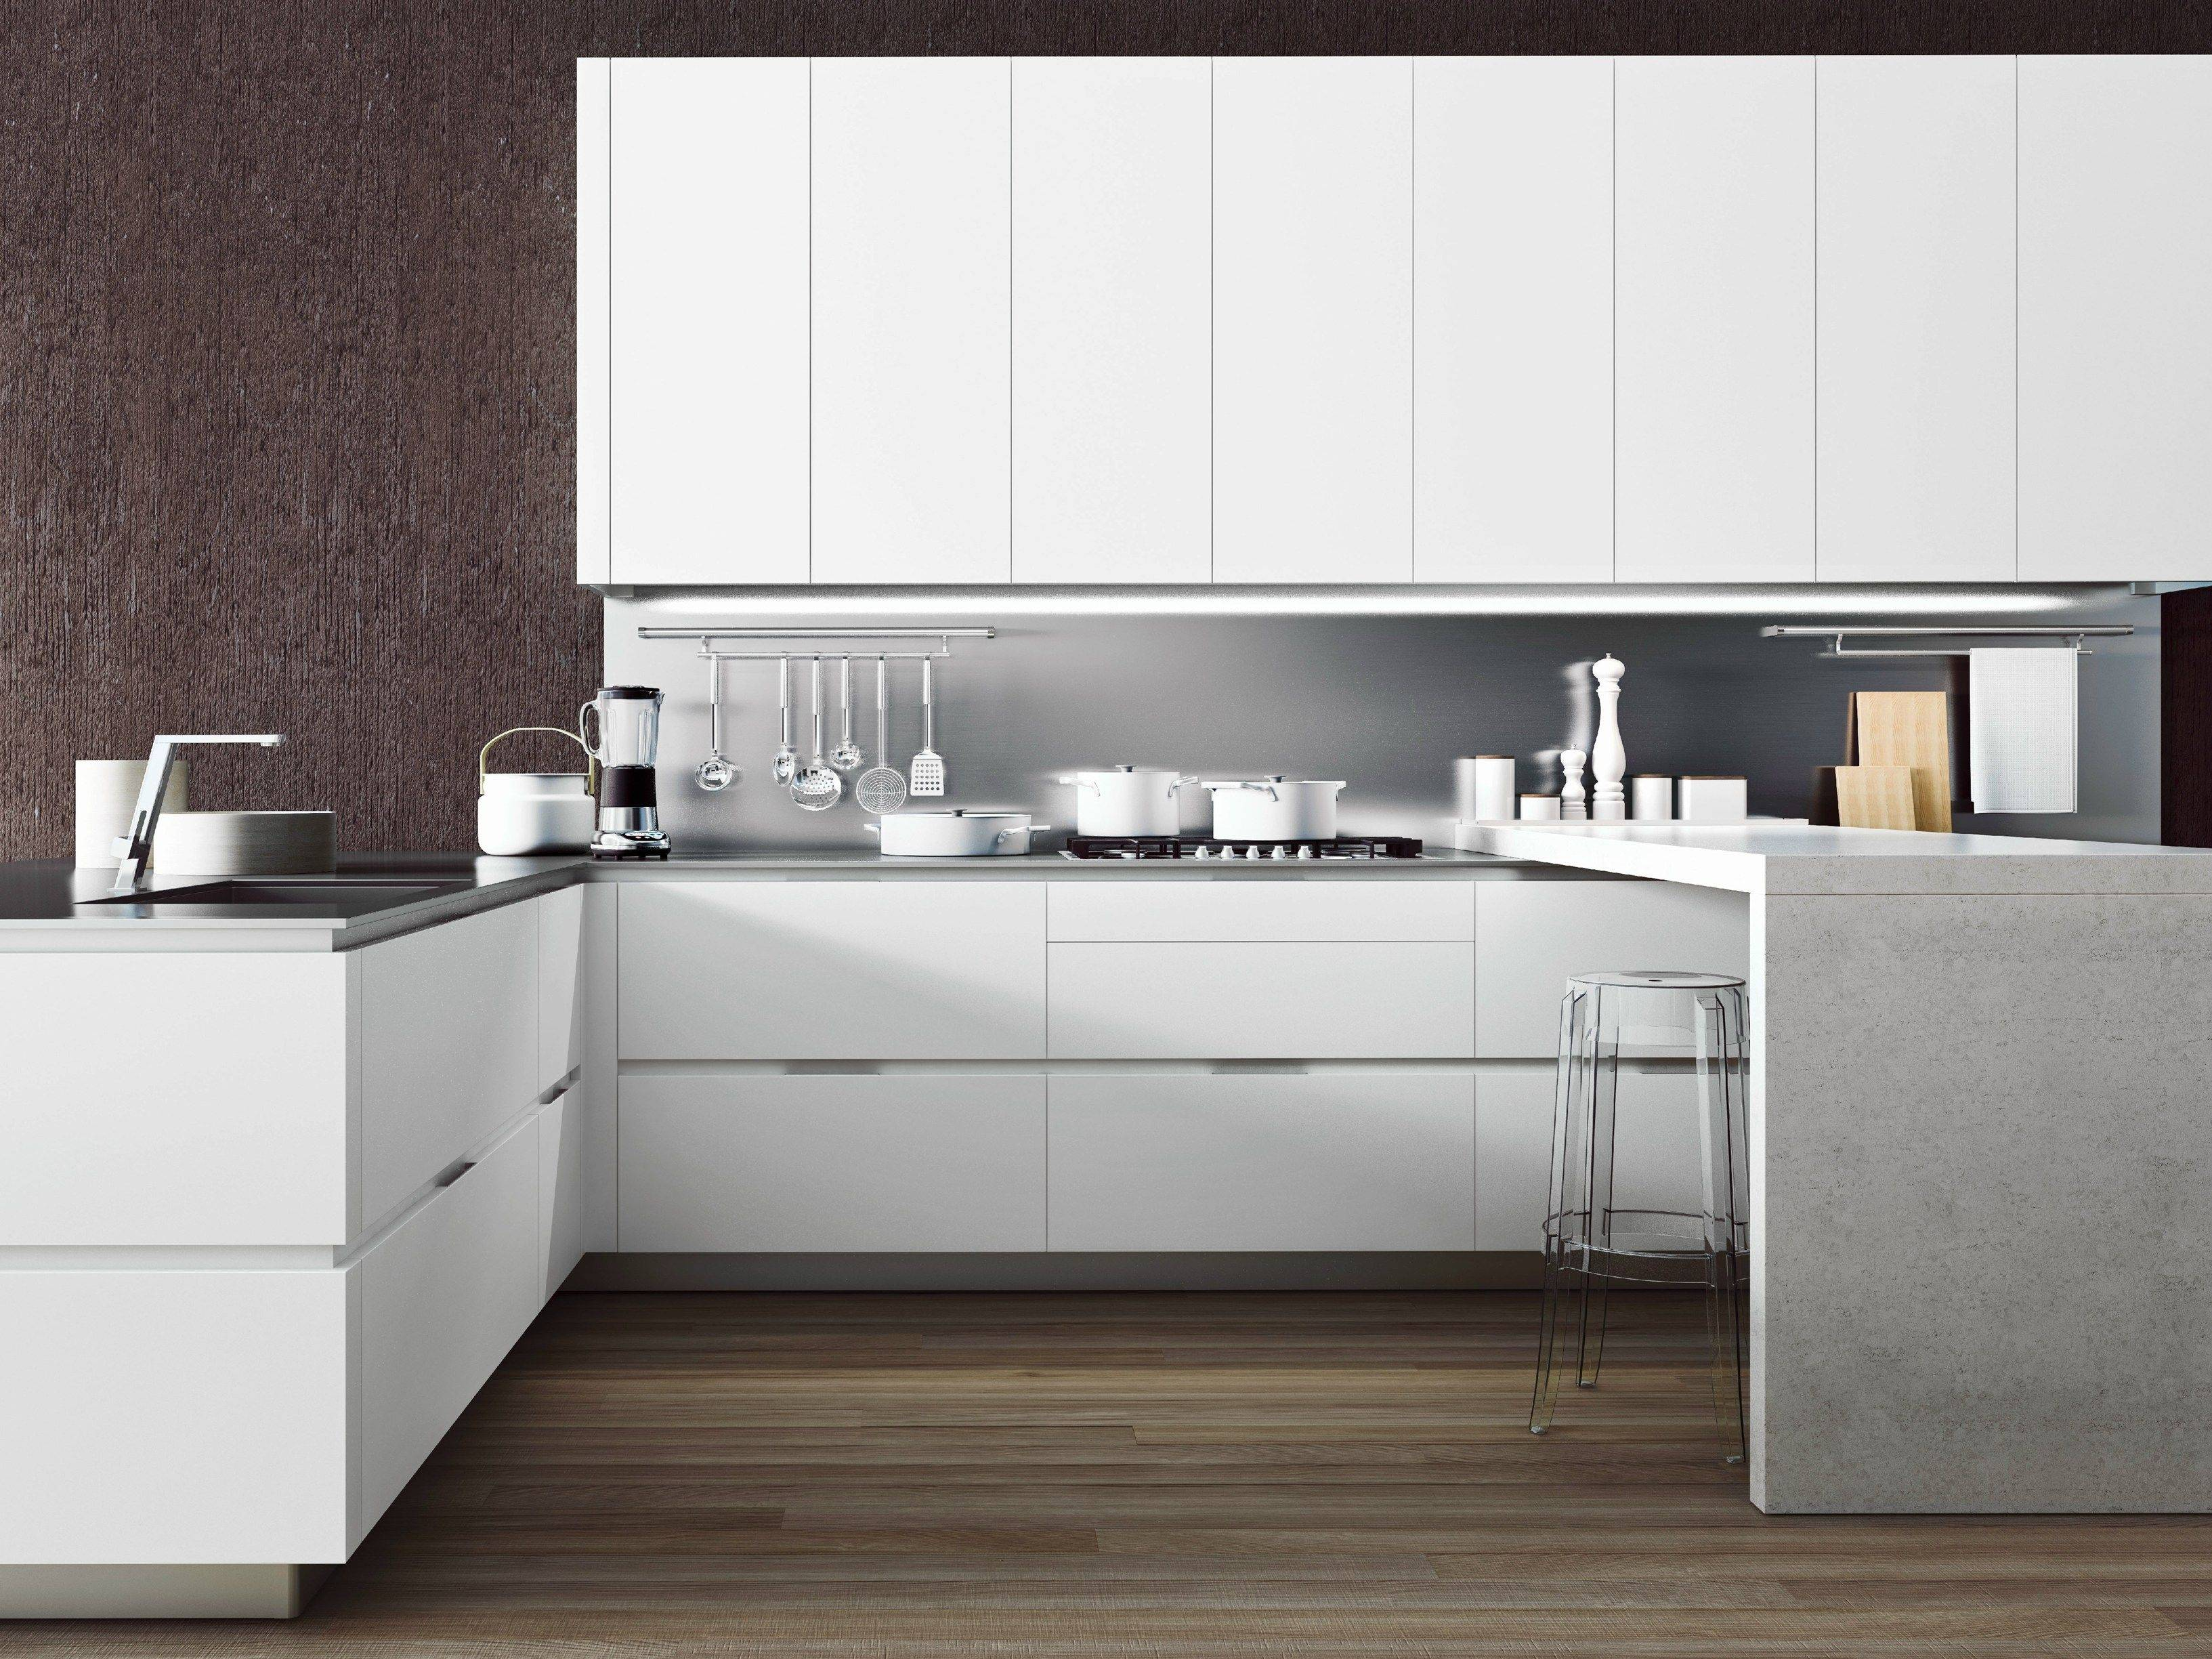 snaidero kitchen cabinets cocina integral con penc2adnsula orange by snaidero of snaidero kitchen cabinets